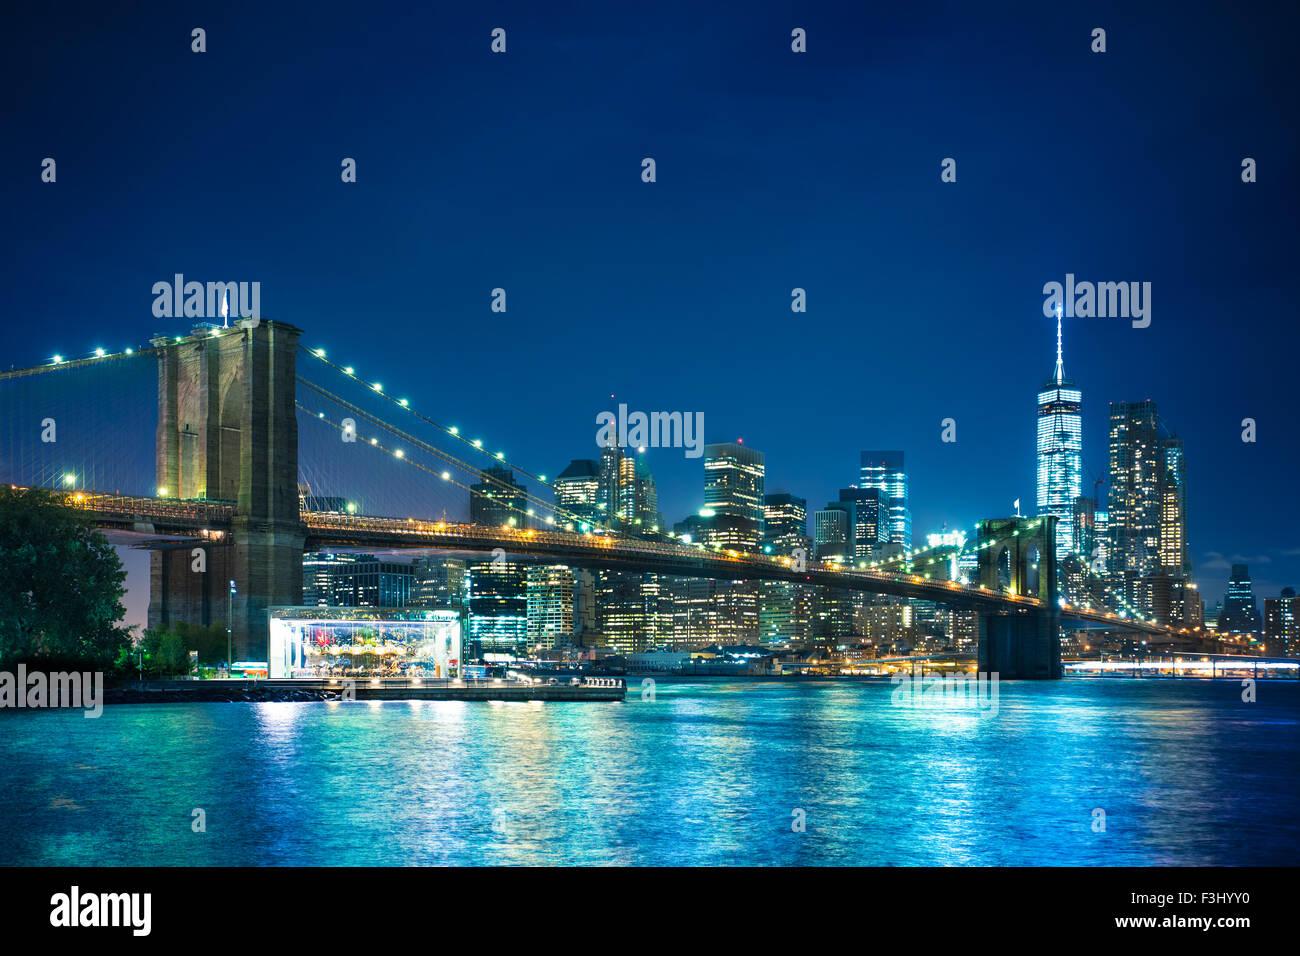 Hermosa vista nocturna del Puente de Brooklyn mirando hacia Manhattan, Ciudad de Nueva York Imagen De Stock